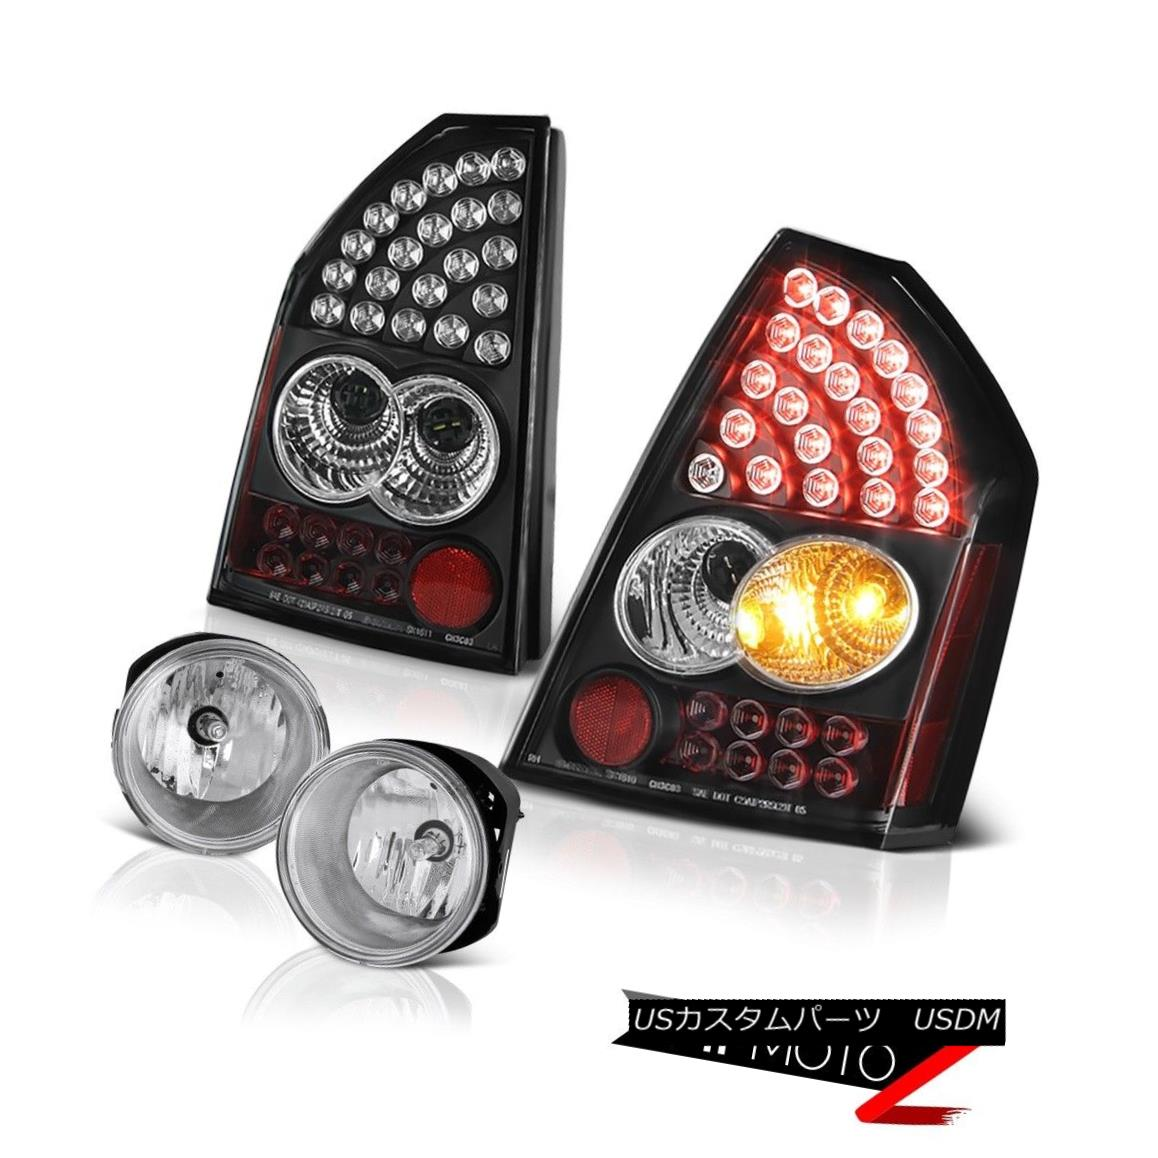 テールライト 05 06 07 Chrysler 300C 5.7L Brake Rear Tail Lights Assembly LED Driving Fog 05 06 07クライスラー300C 5.7LブレーキリアテールライトアセンブリLEDドライビングフォグ